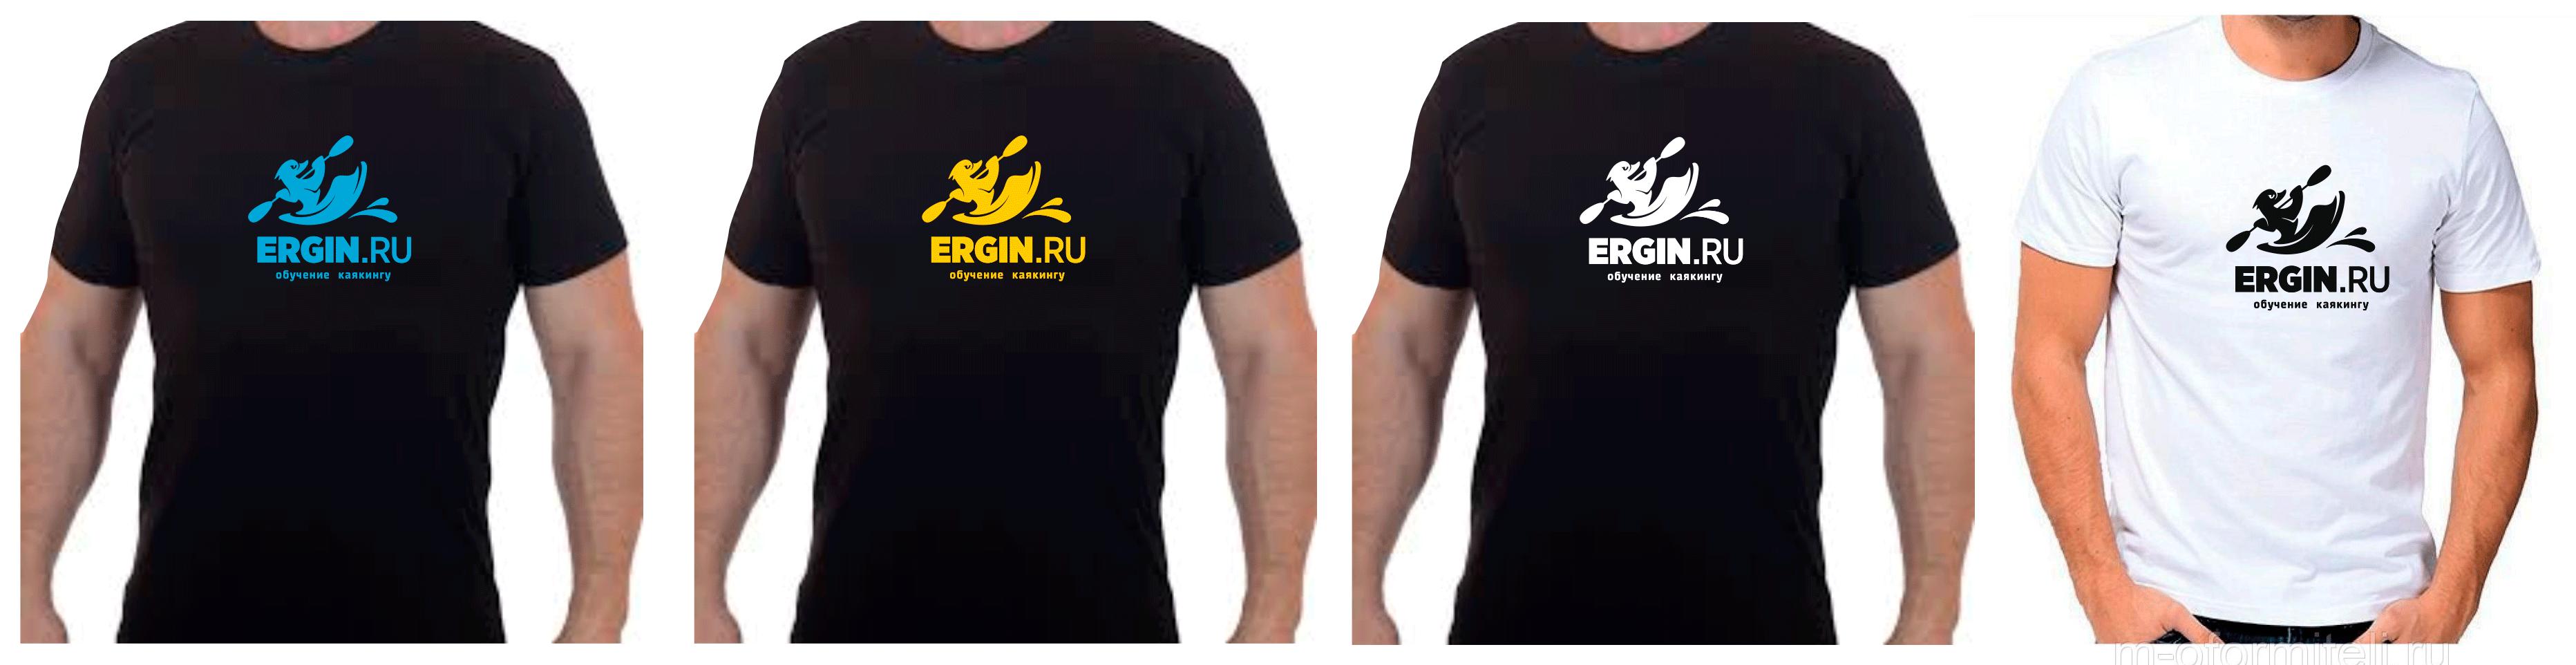 Логотип Обучение каякингу нанесение на футболку